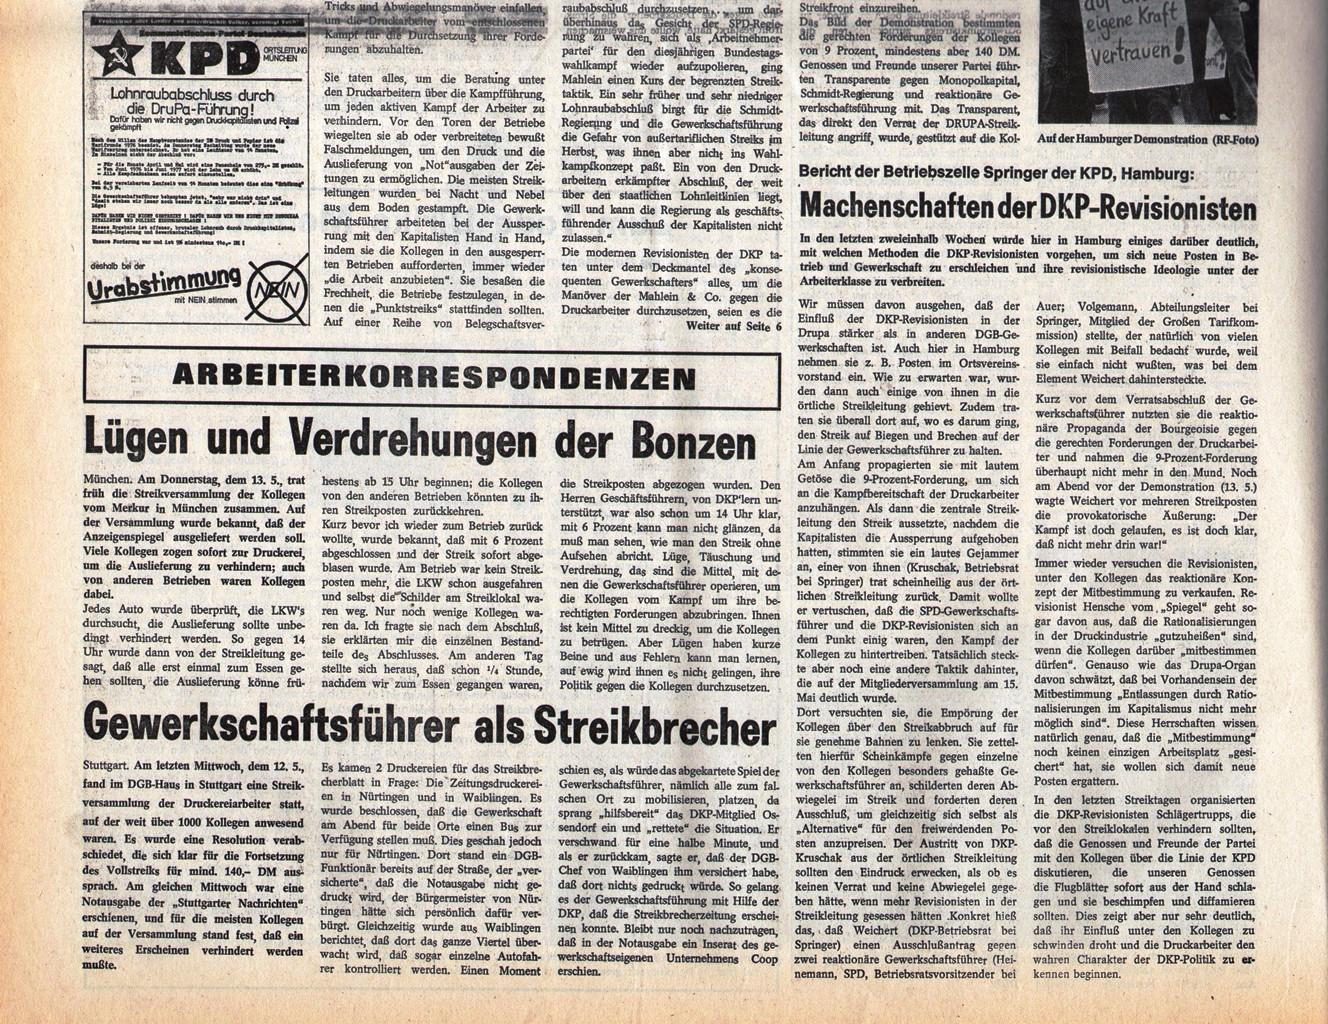 KPD_Rote_Fahne_1976_20_08